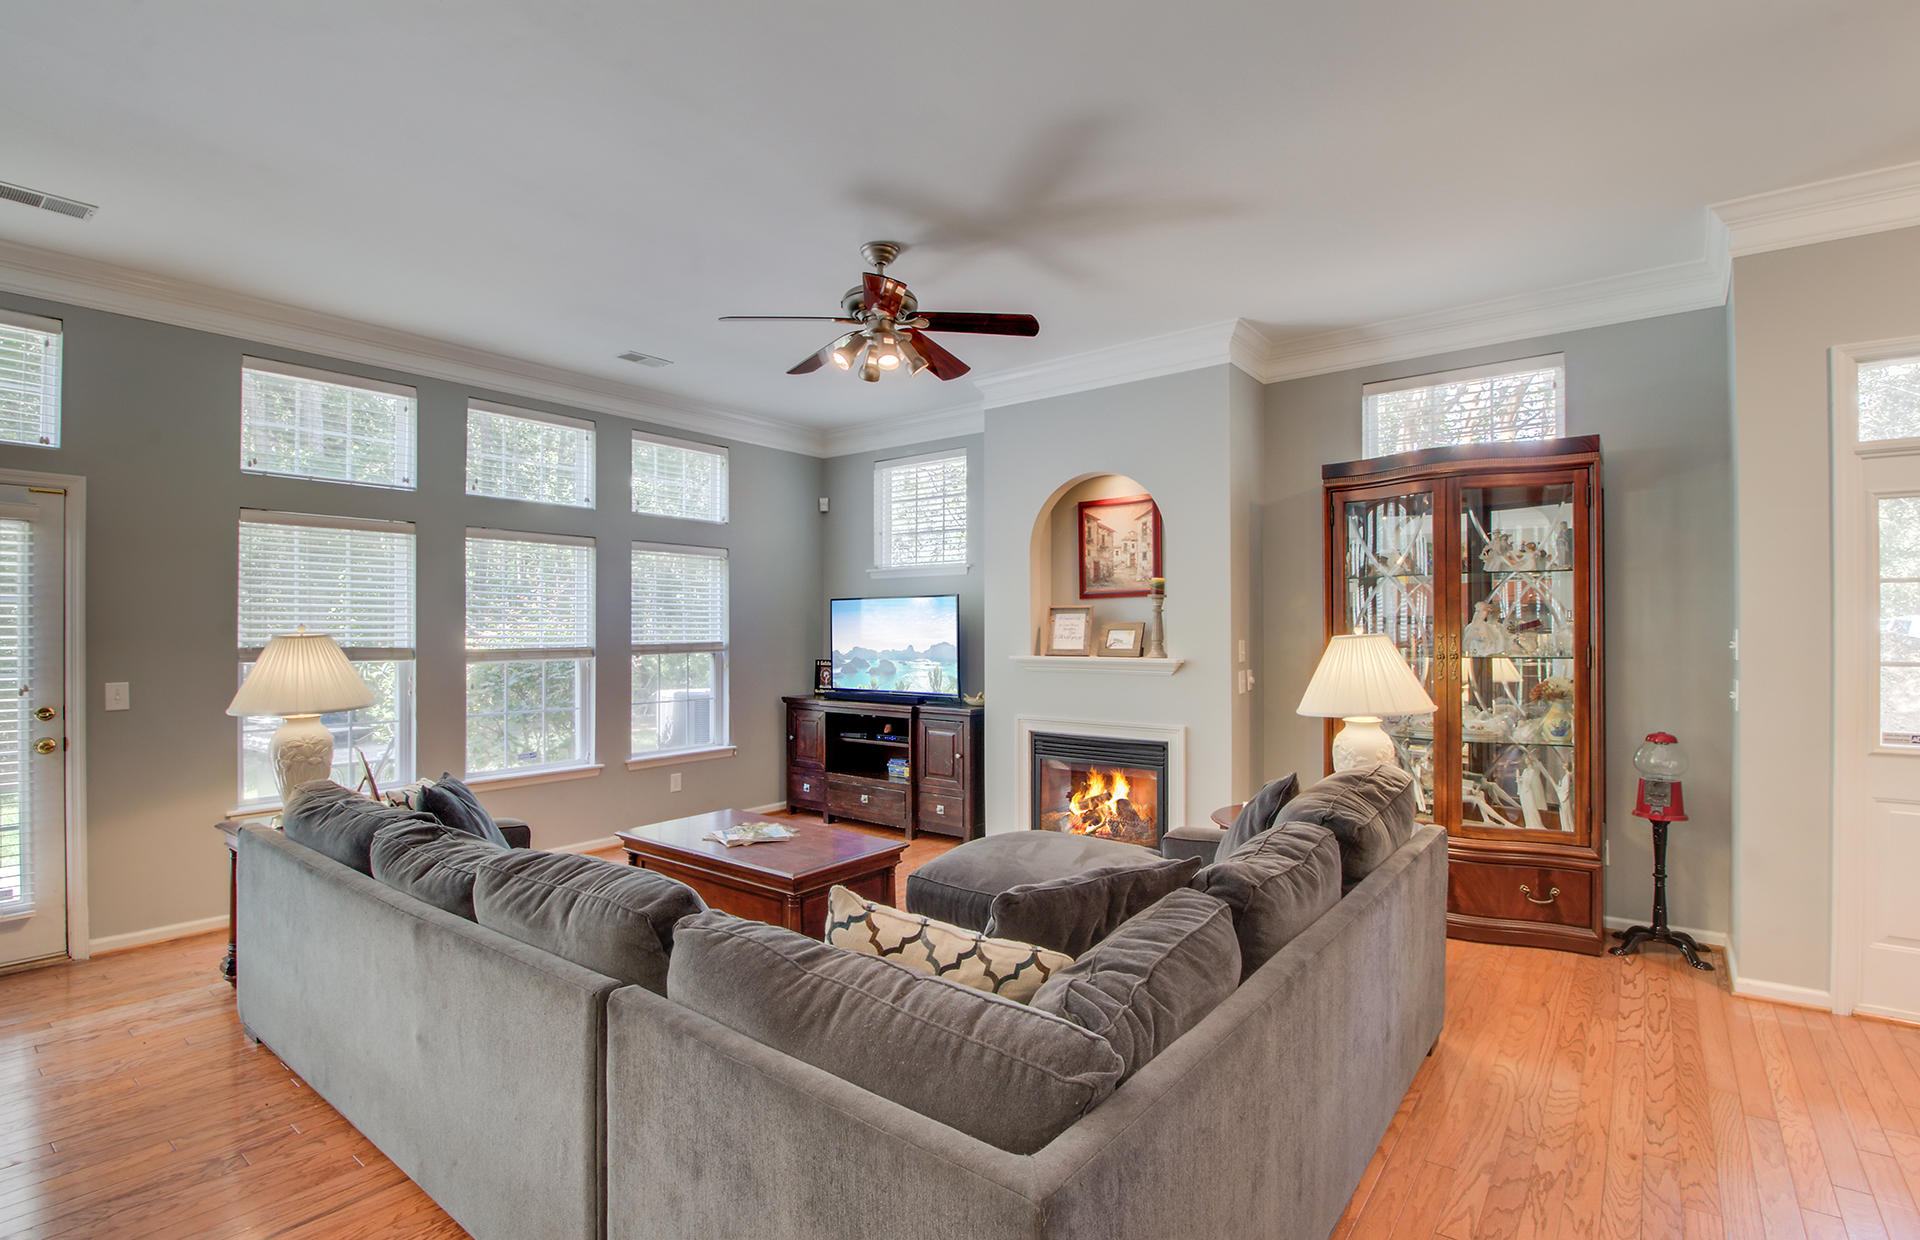 Park West Homes For Sale - 2500 Draymohr, Mount Pleasant, SC - 30